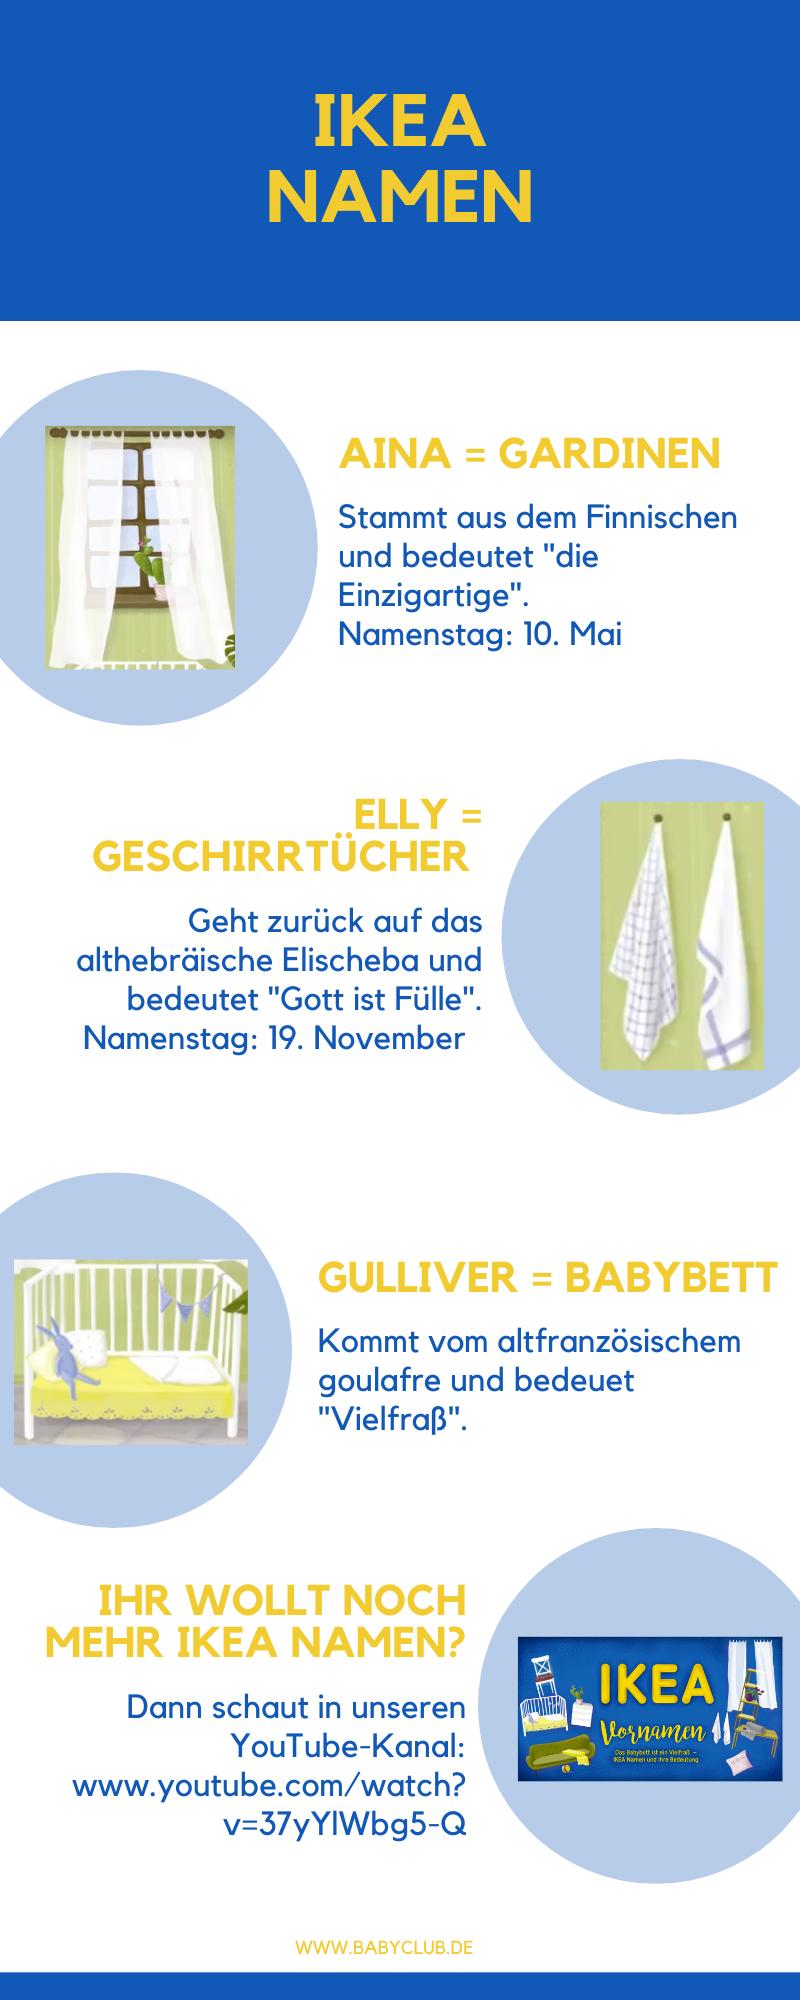 Lustige Mobelnamen Von Ikea Patrick Toalster Kommunikation Und